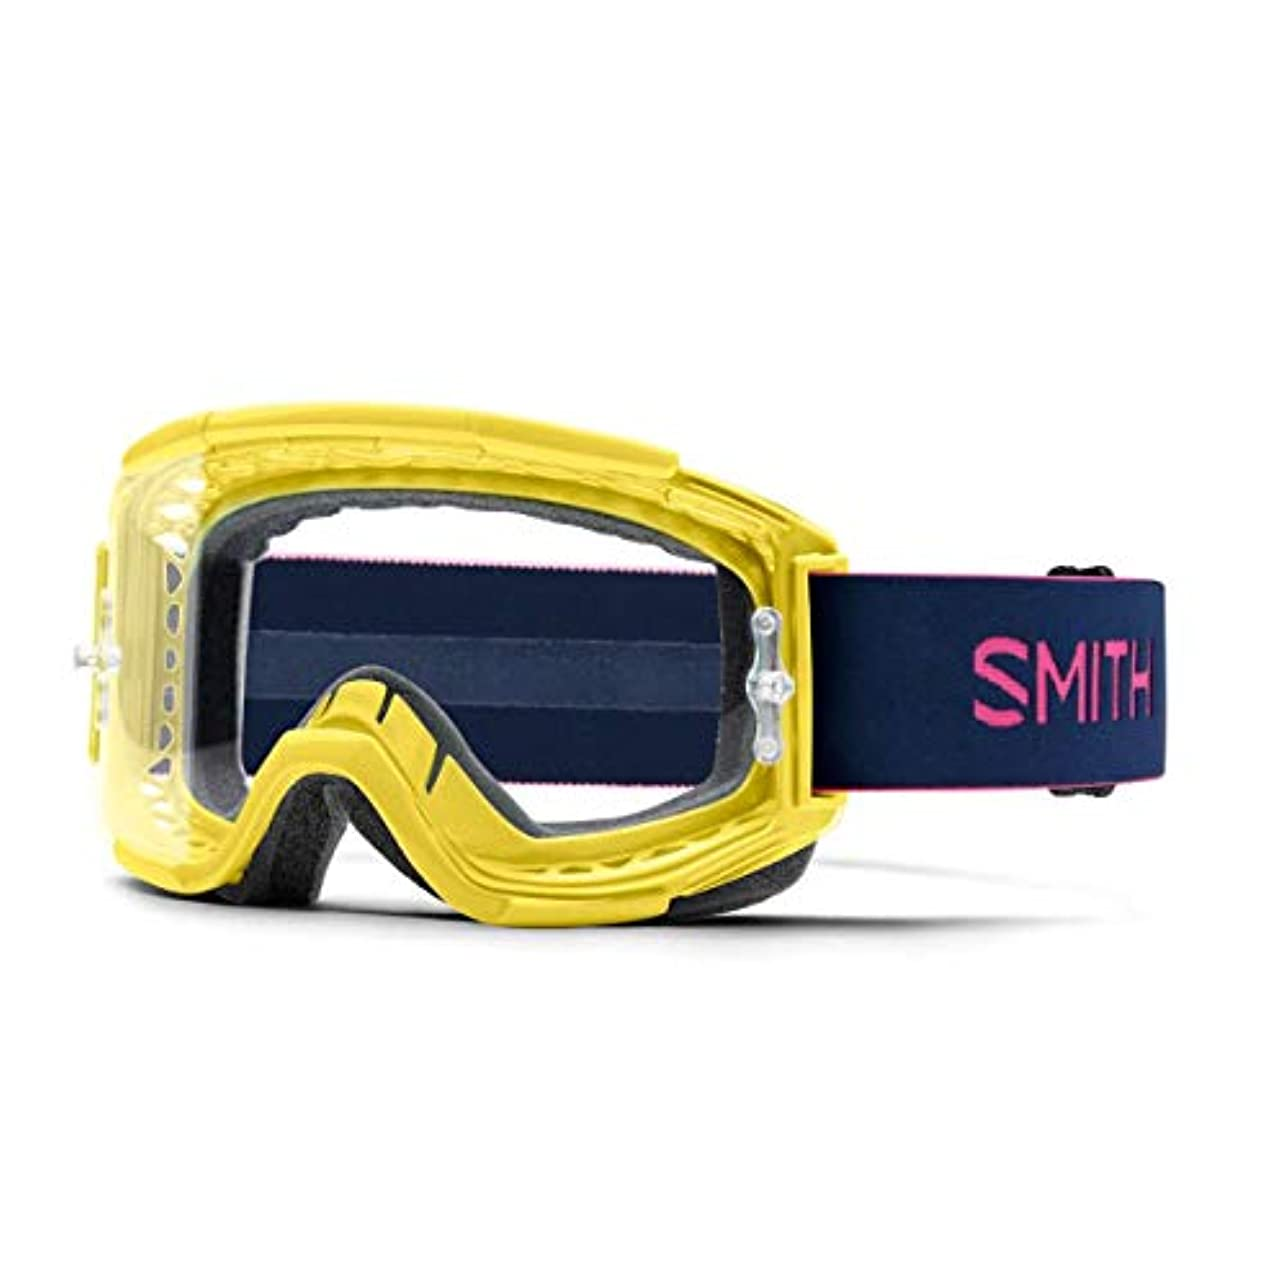 メロディアススマイル飛ぶSmith Optics Squad 大人用 MTB オフロード サイクリングゴーグル - シトロン/インディゴ/クリア AFC/ワンサイズ